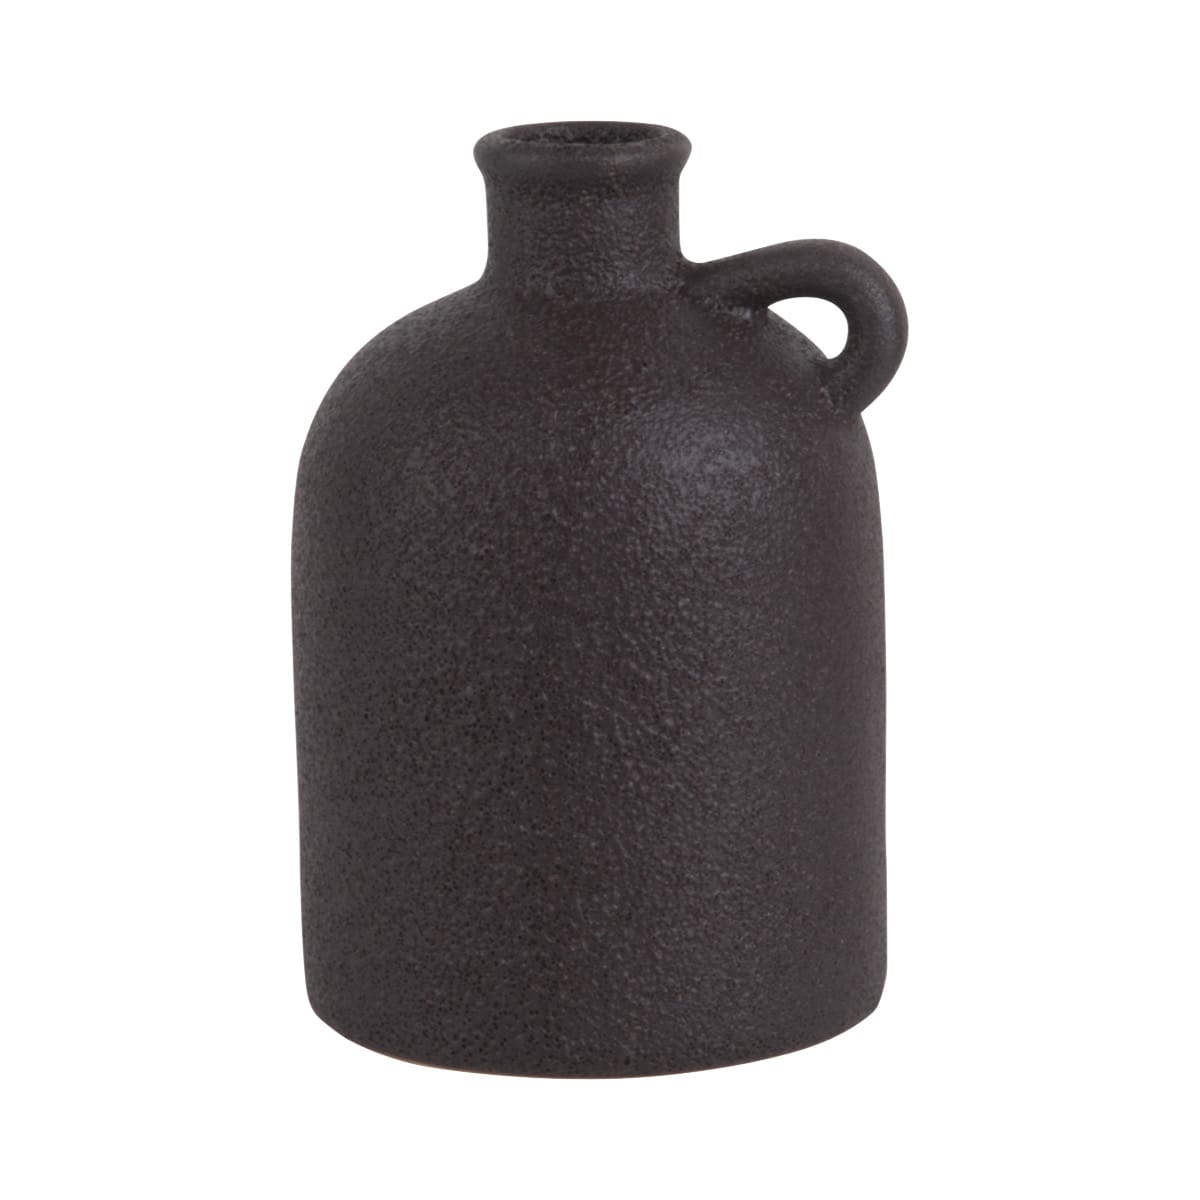 Sada 3 ks: Černá keramická váza Burly Bottle - střední Present Time